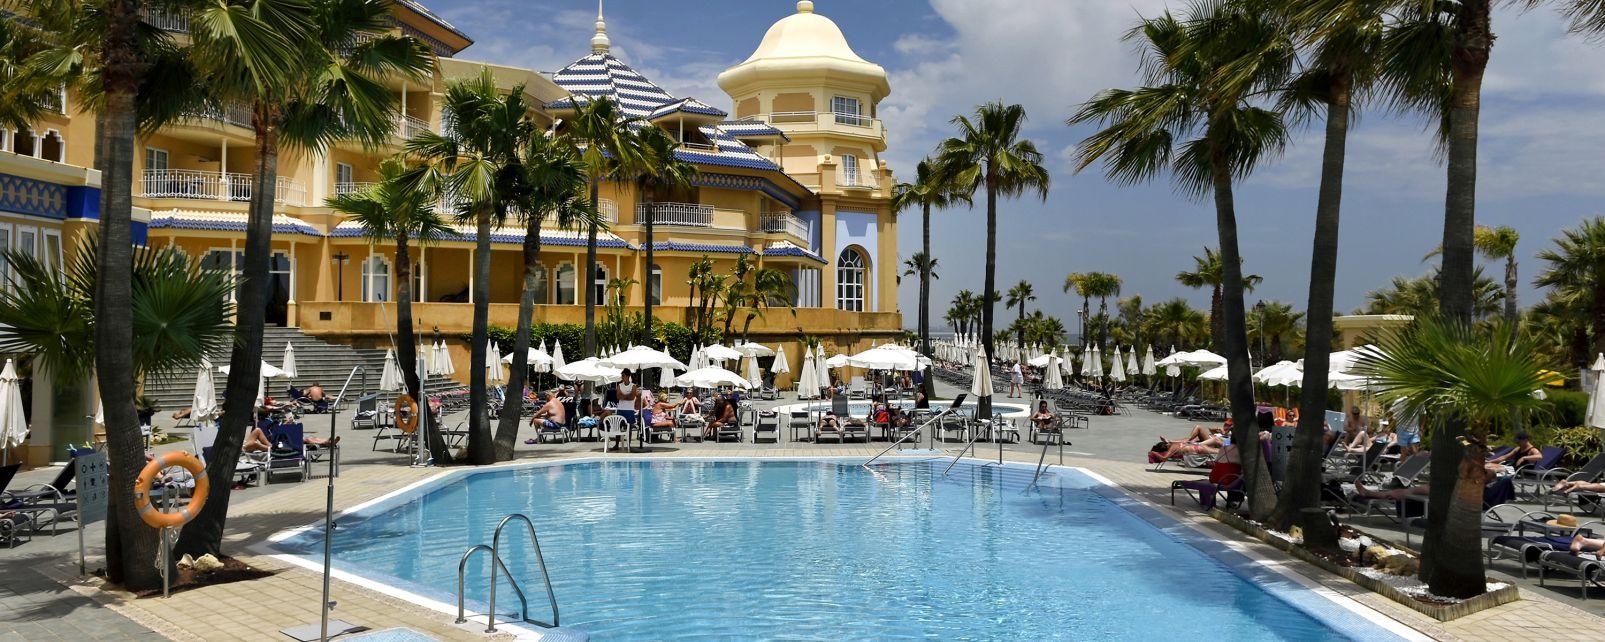 Hôtel Melia Atlantico